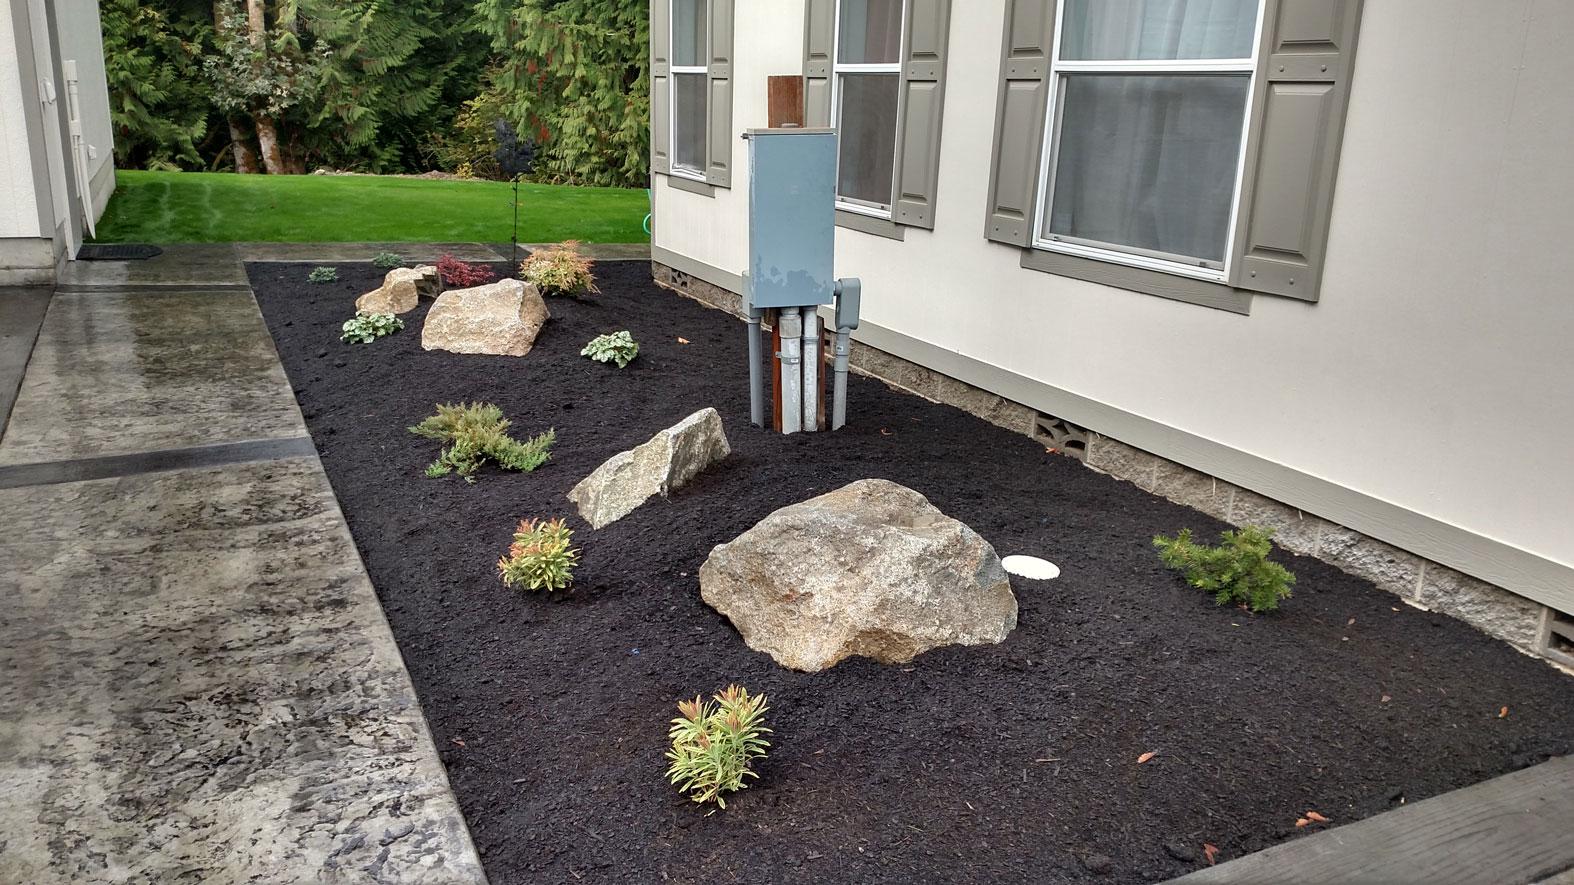 Landscaping port orchard brookside landscape design for Landscaping rocks kitsap county